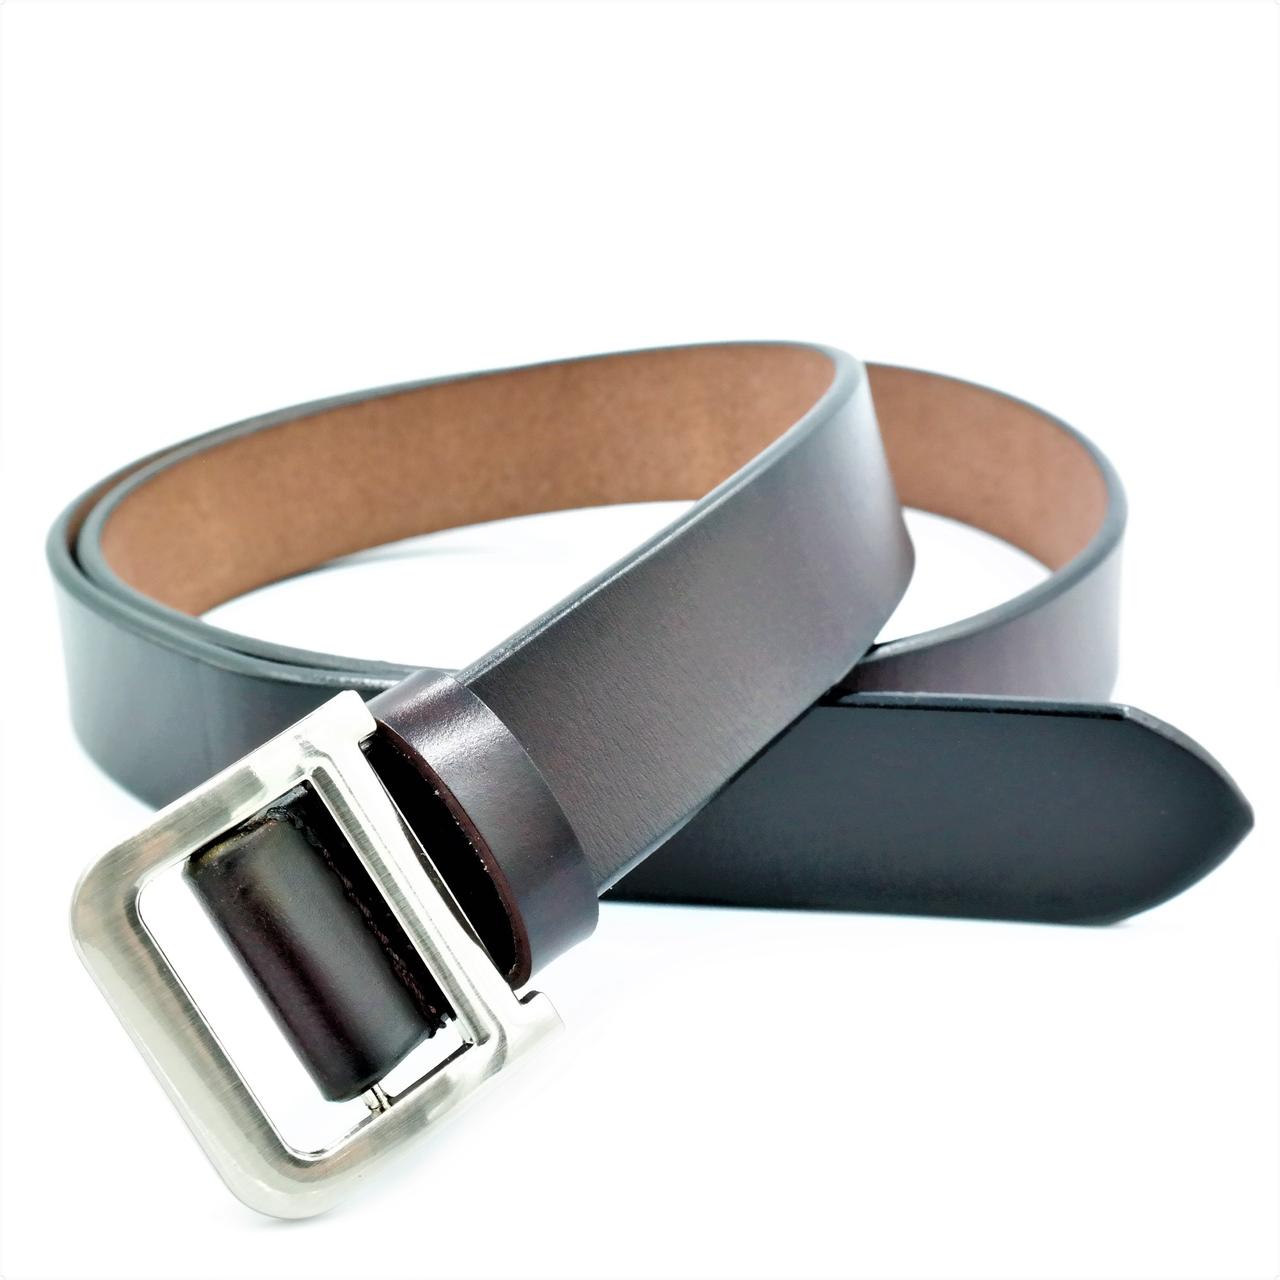 Женский кожаный ремень Le-Mon 110-115 см Тёмно-коричневый (nwzh-30k-0054)